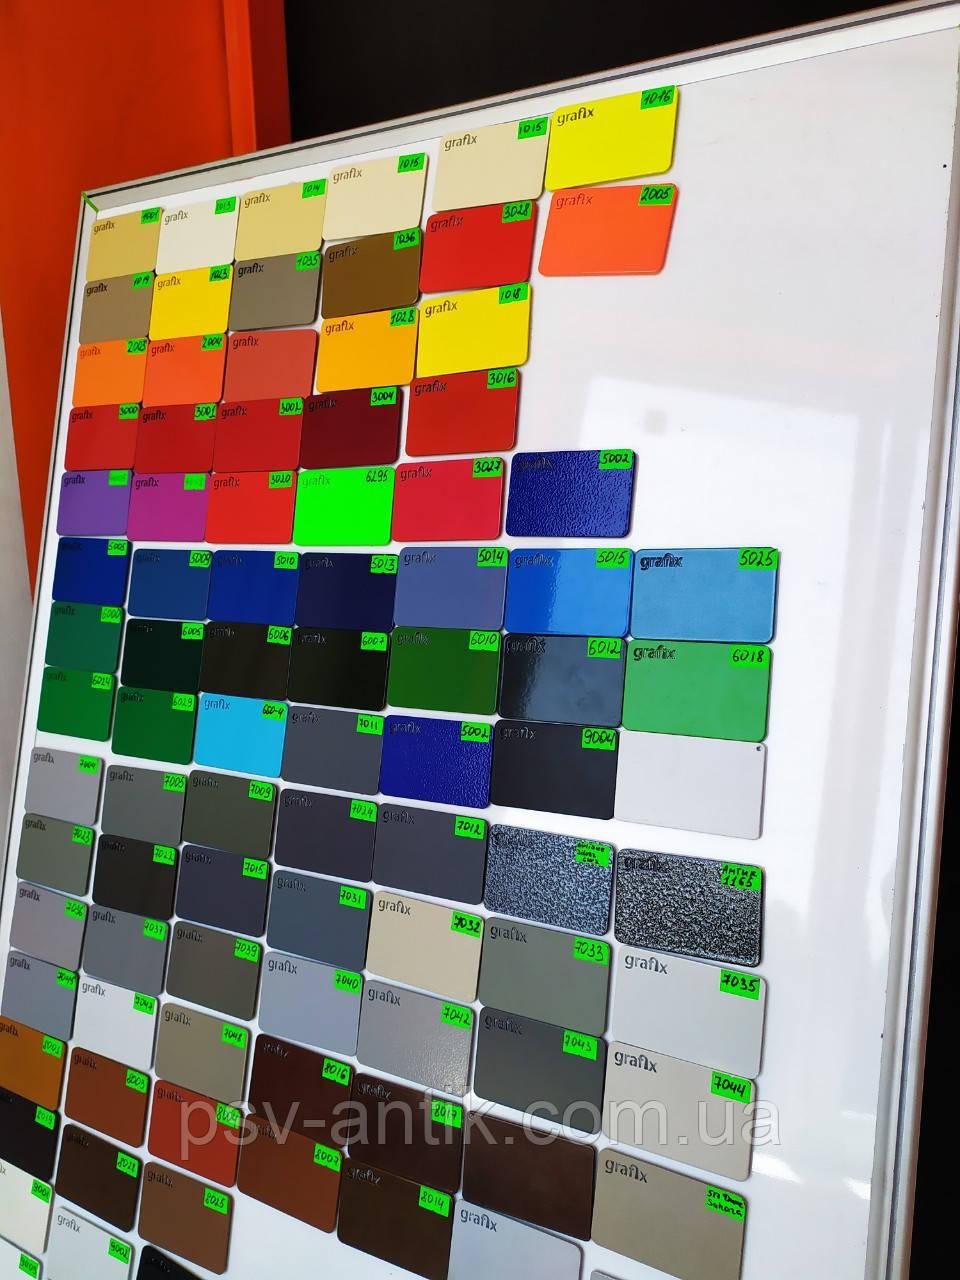 Порошковая краска матовая, полиэфирная, архитектурная, 7024